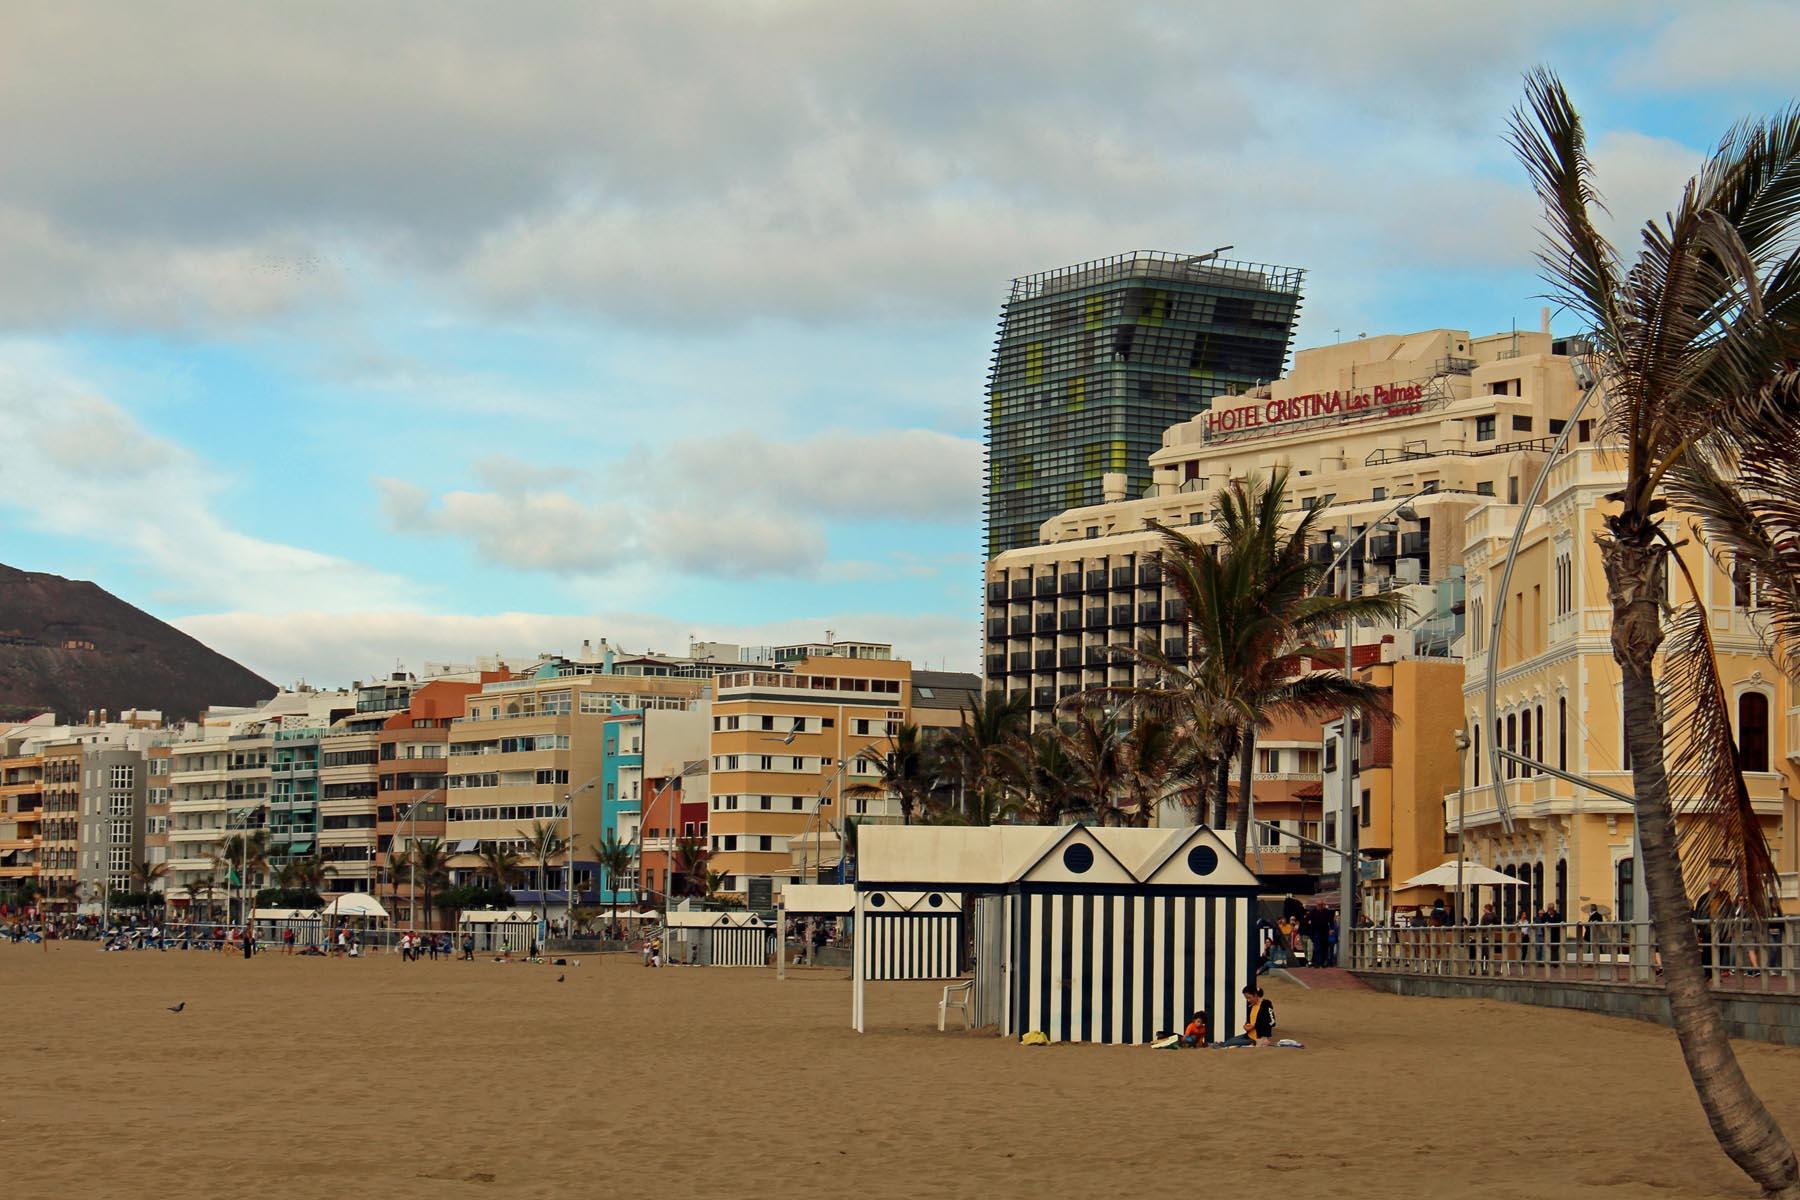 Las Palmas de Grande Canarie